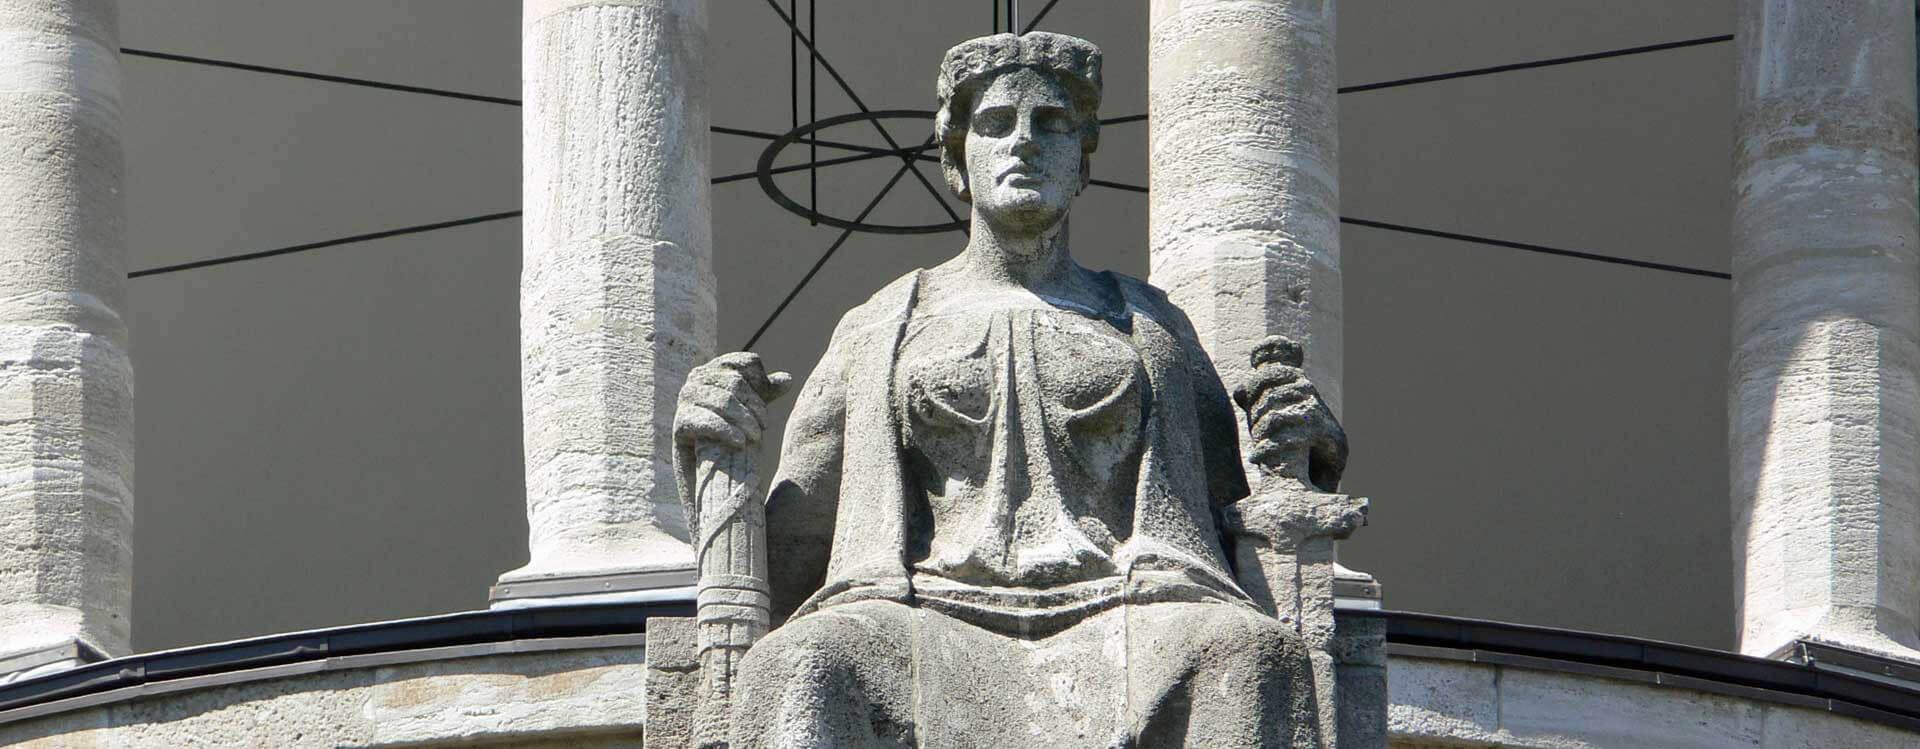 Klageerzwingungsverfahren | Lesen Sie hier über Ermittlungs- und Klageerzwingung. Strafverteidigung in Hamburg und bundesweit!